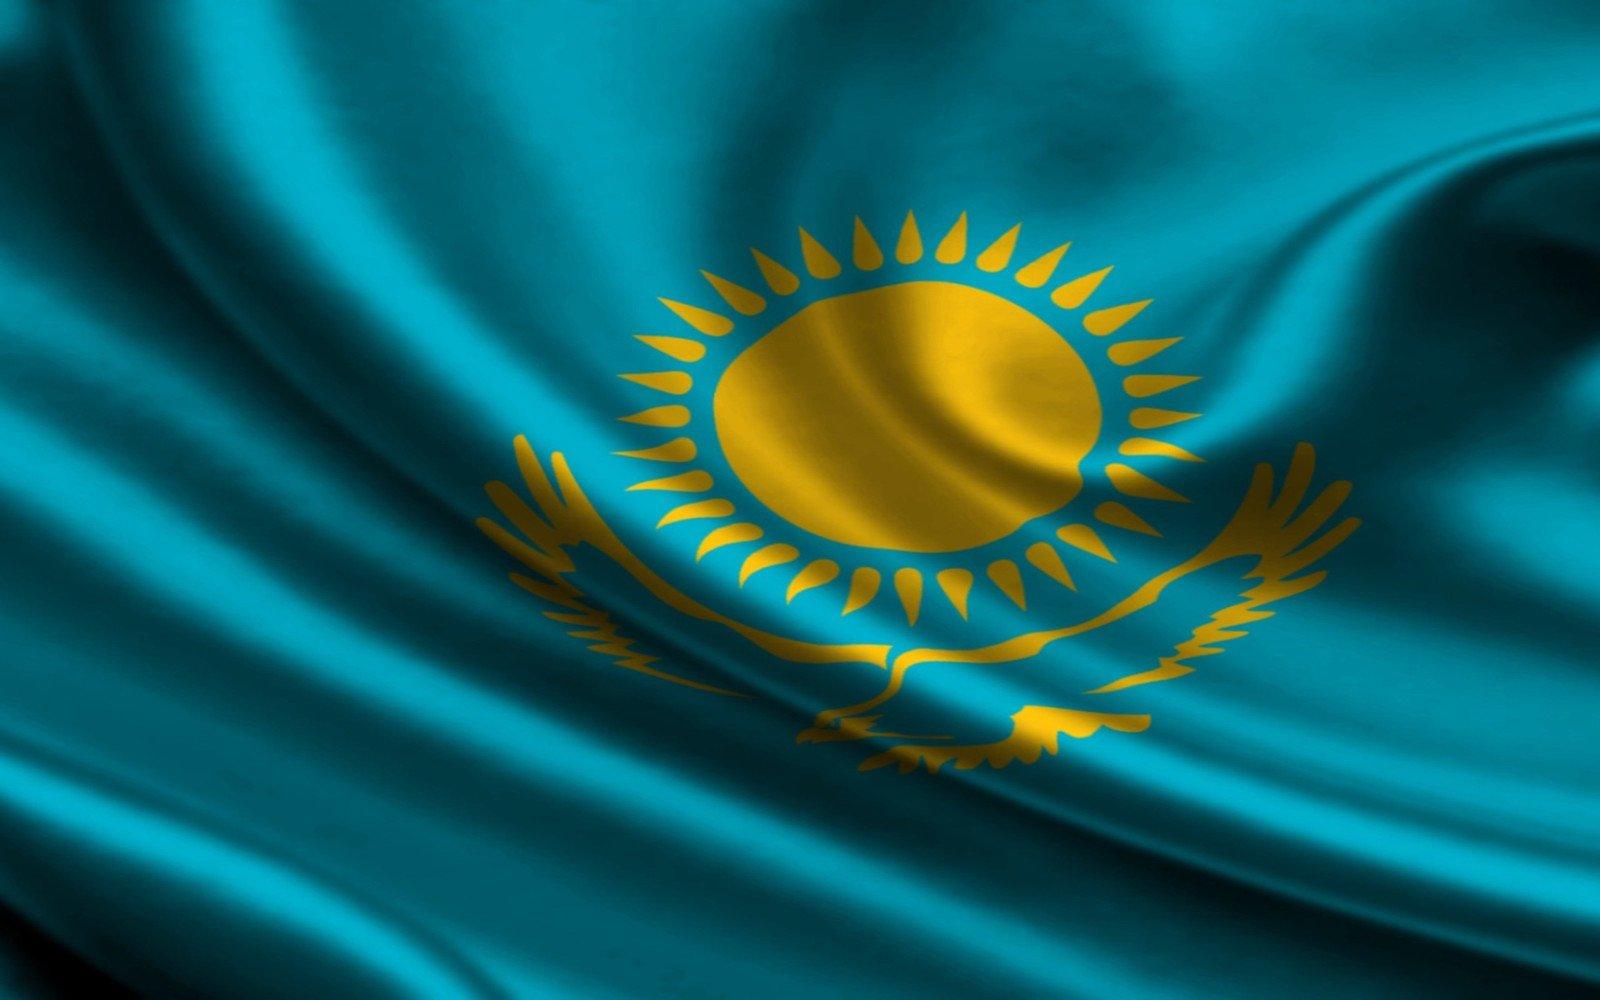 Лучшие фото казахстанского флага